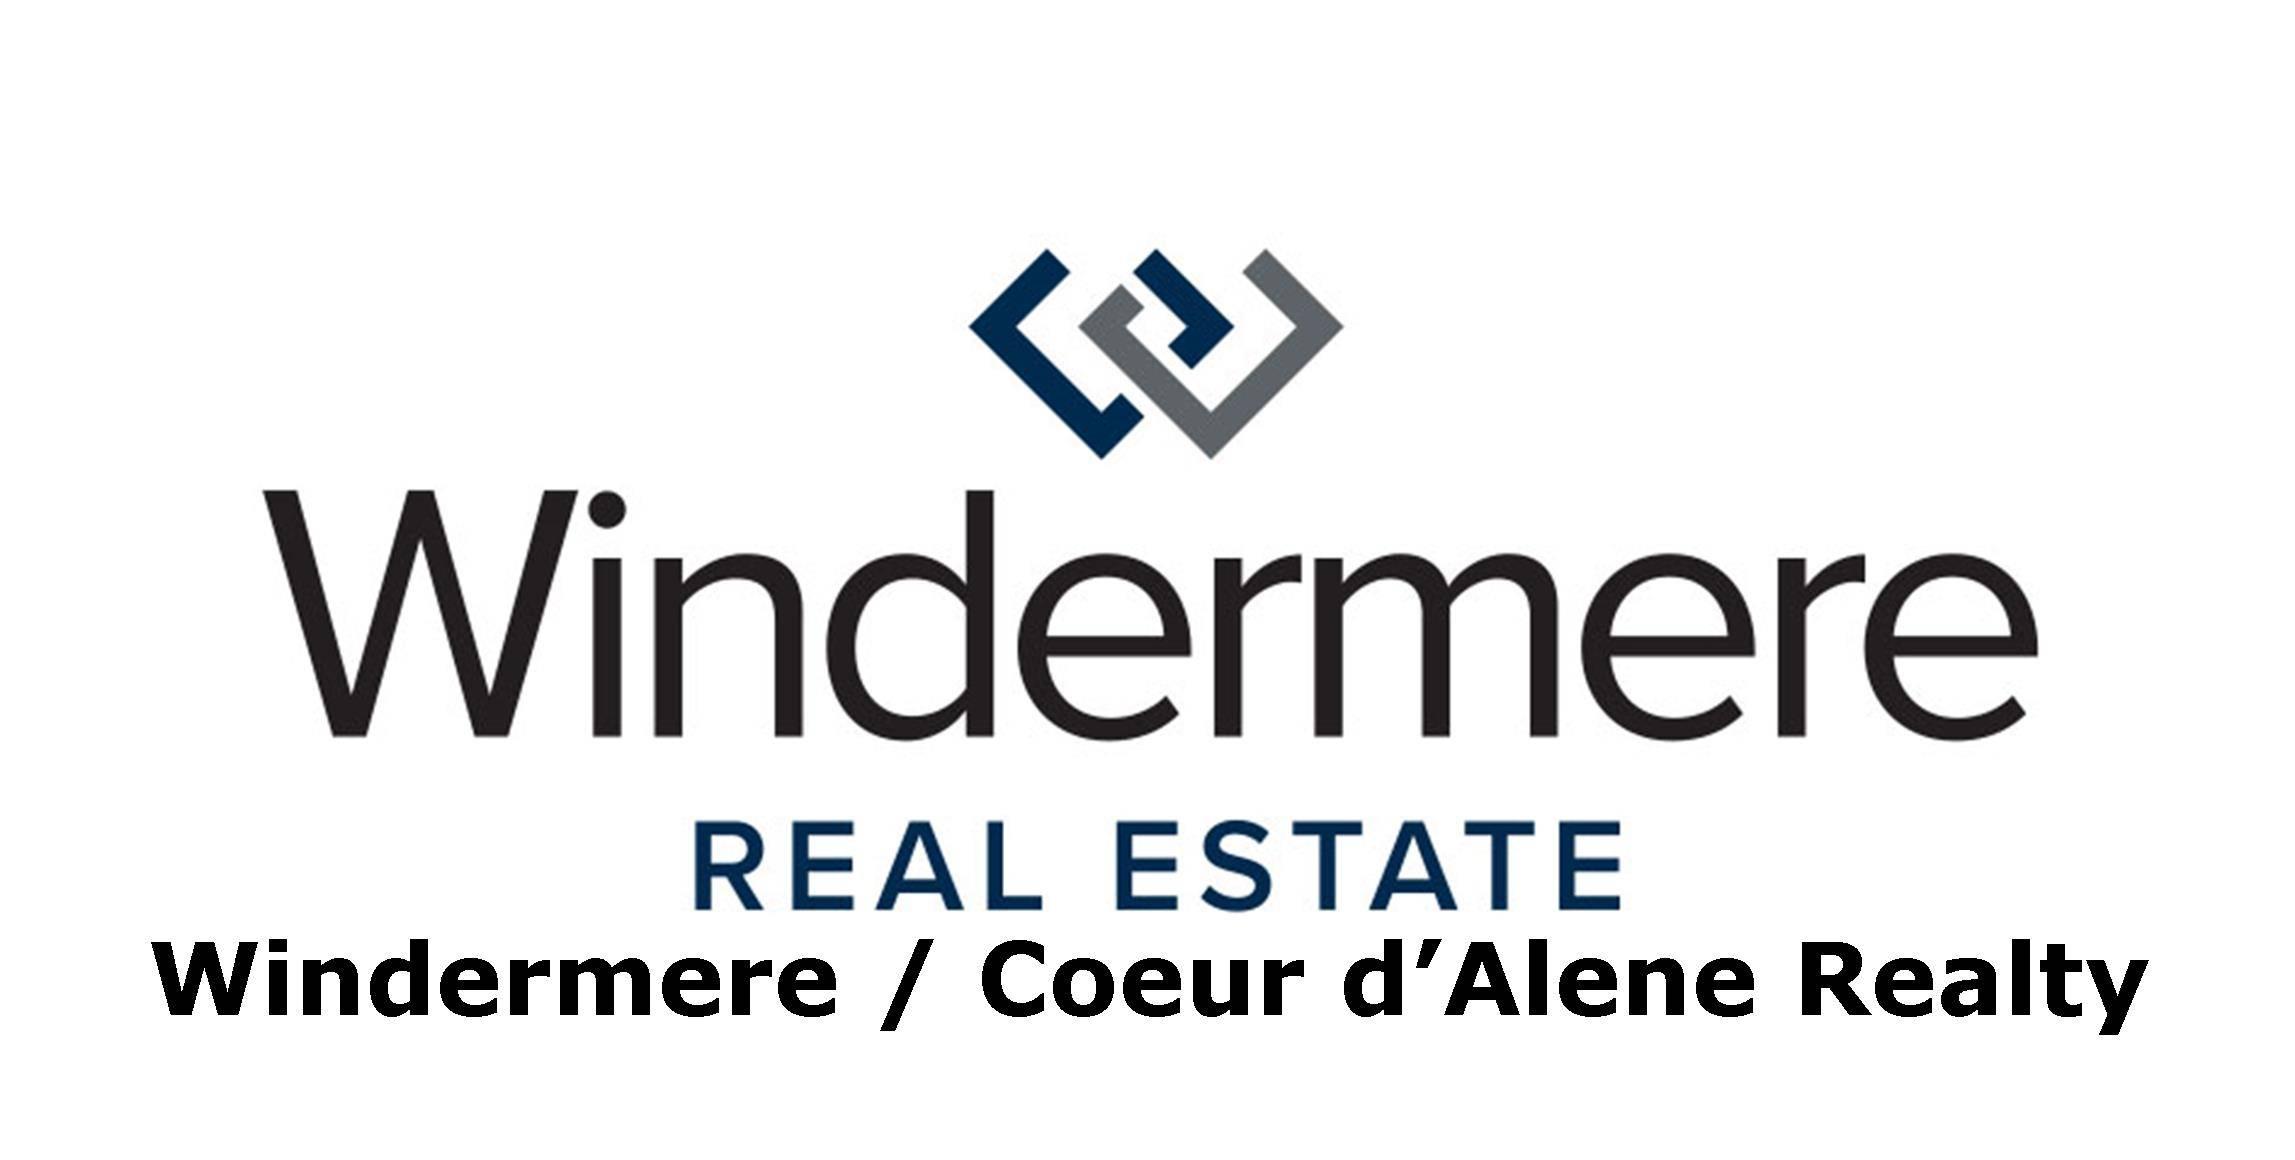 Windermere / Coeur d'Alene Realty